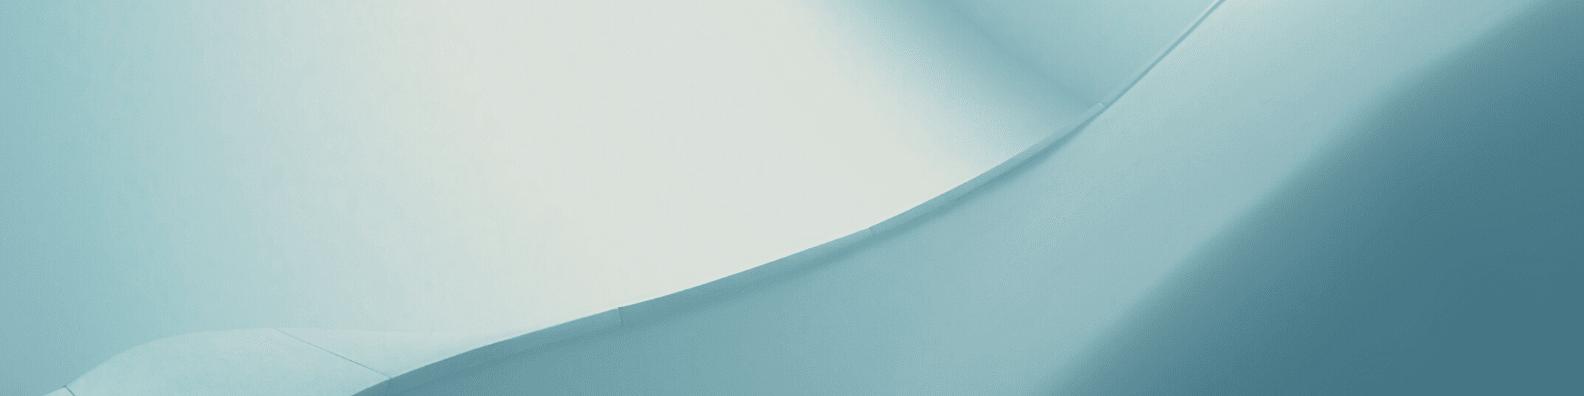 Linkedin banner 3